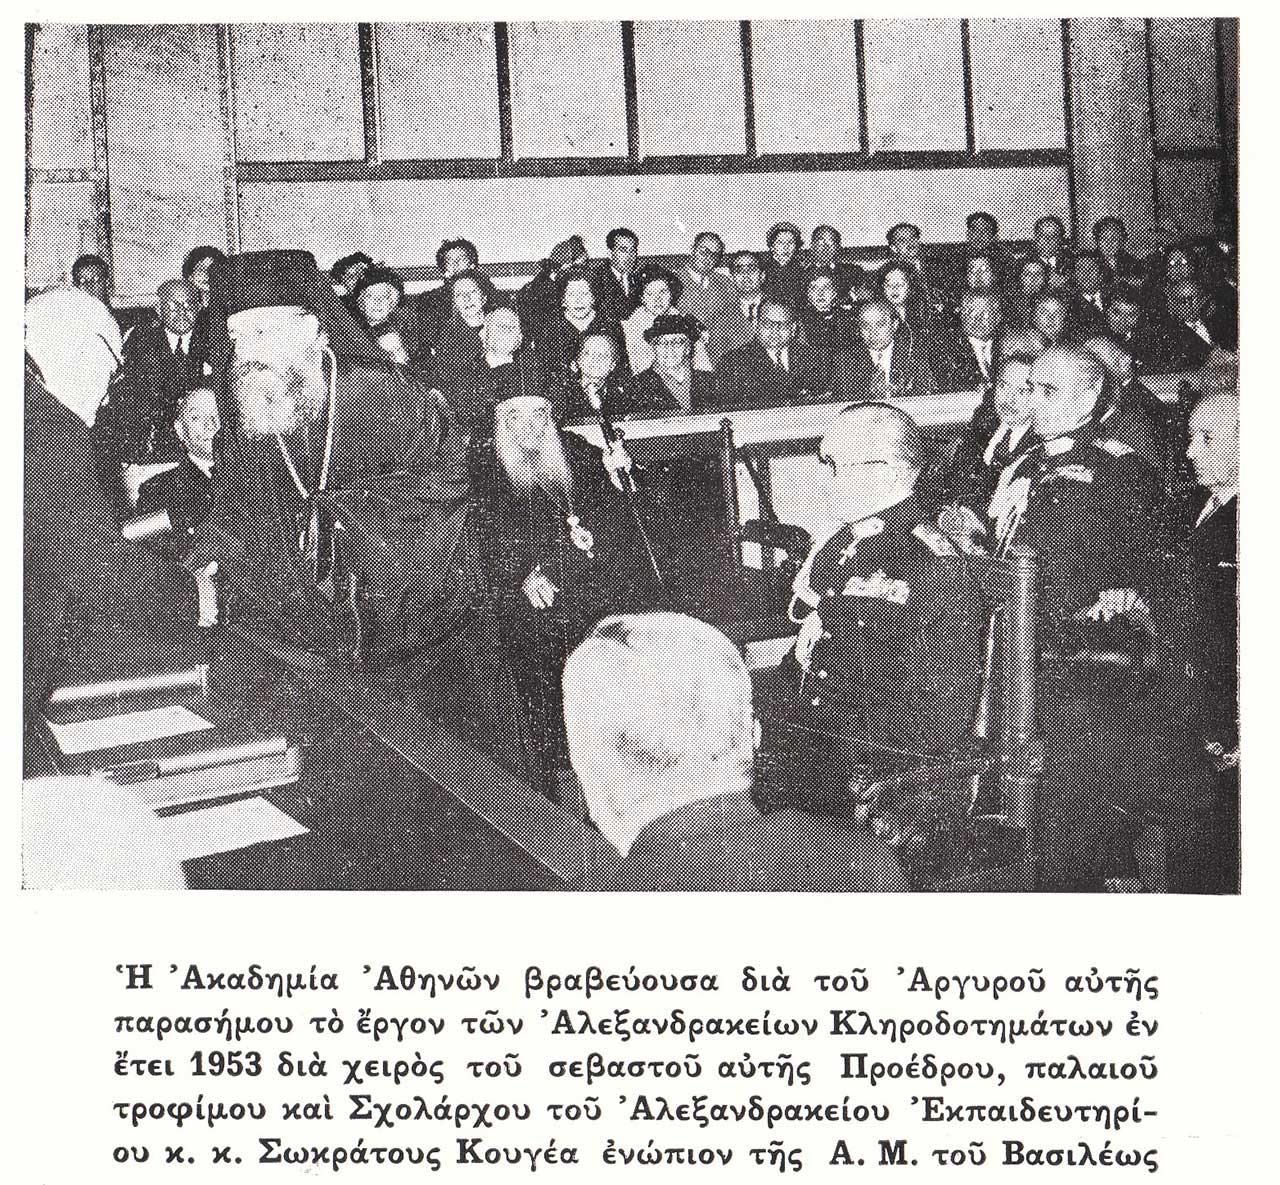 Αργυρούν Παράσημο Ακαδημίας Αθηνών 1953